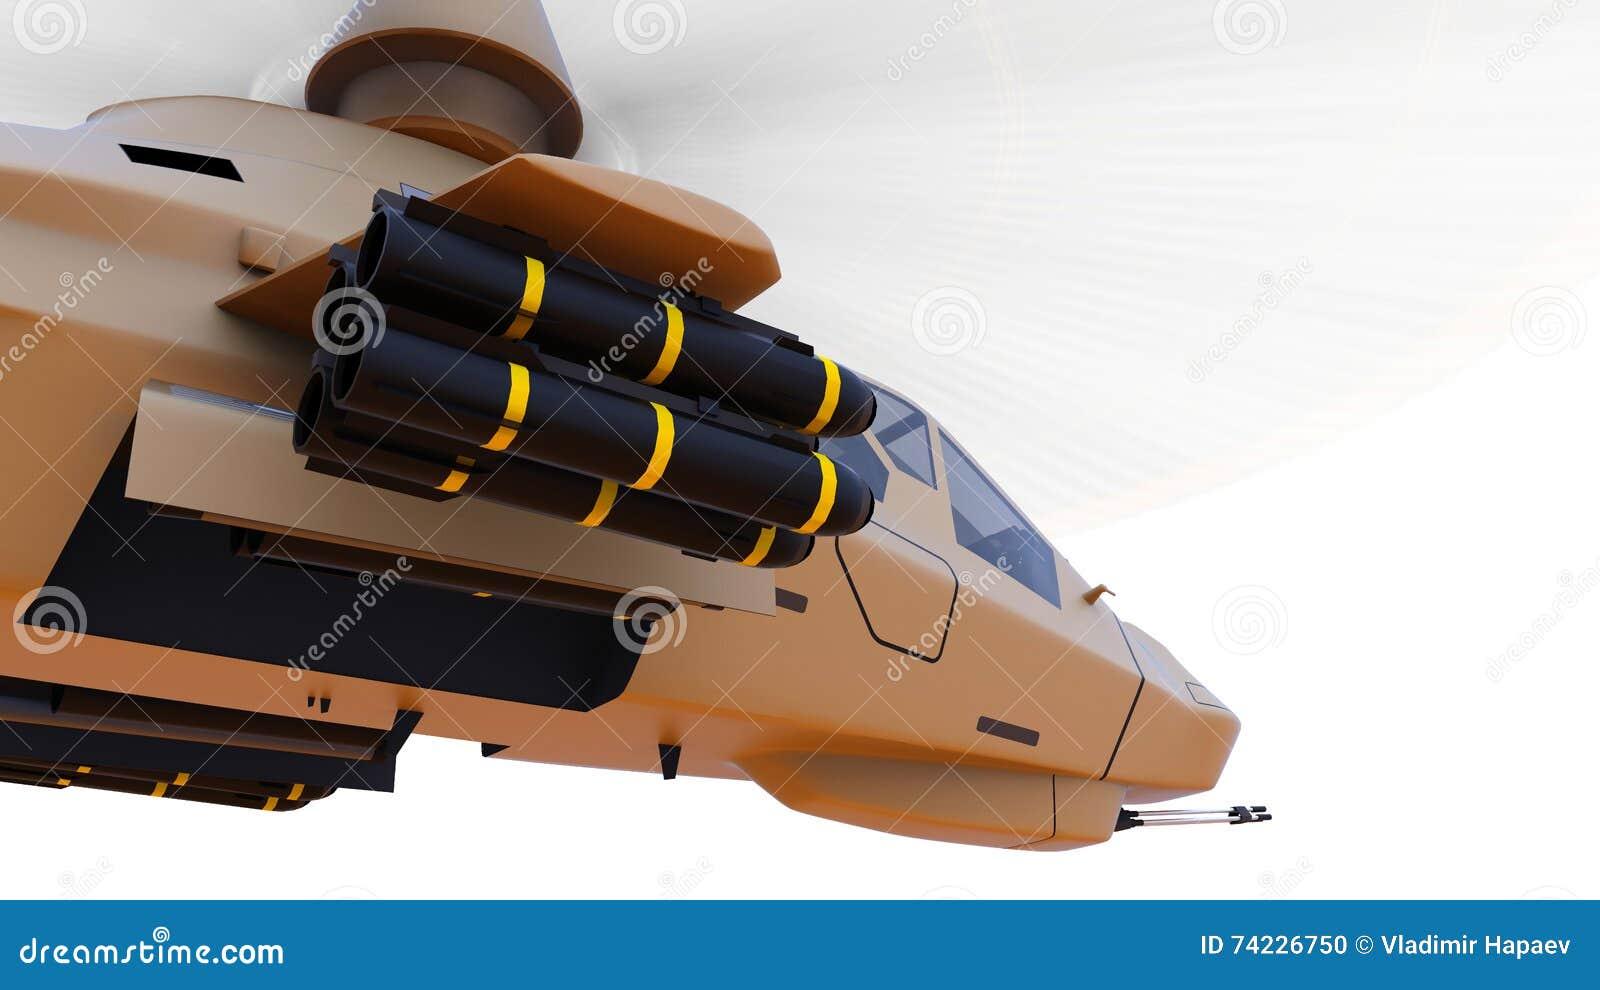 Hermosa Helicóptero Del Ejército Para Colorear Fotos - Enmarcado ...